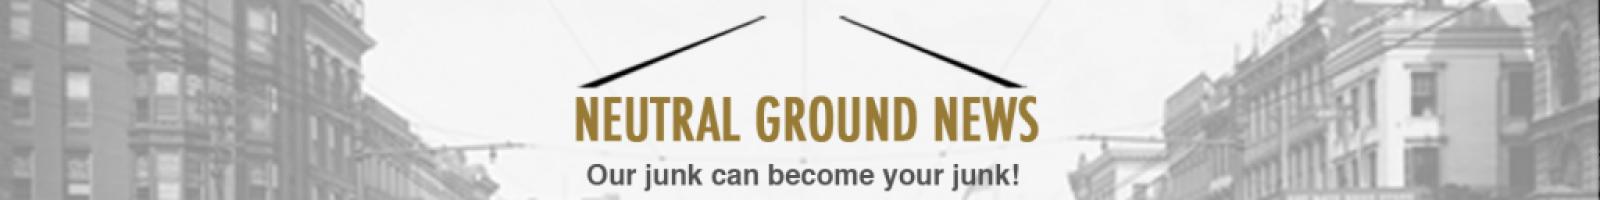 Neutral Ground News Junk Store